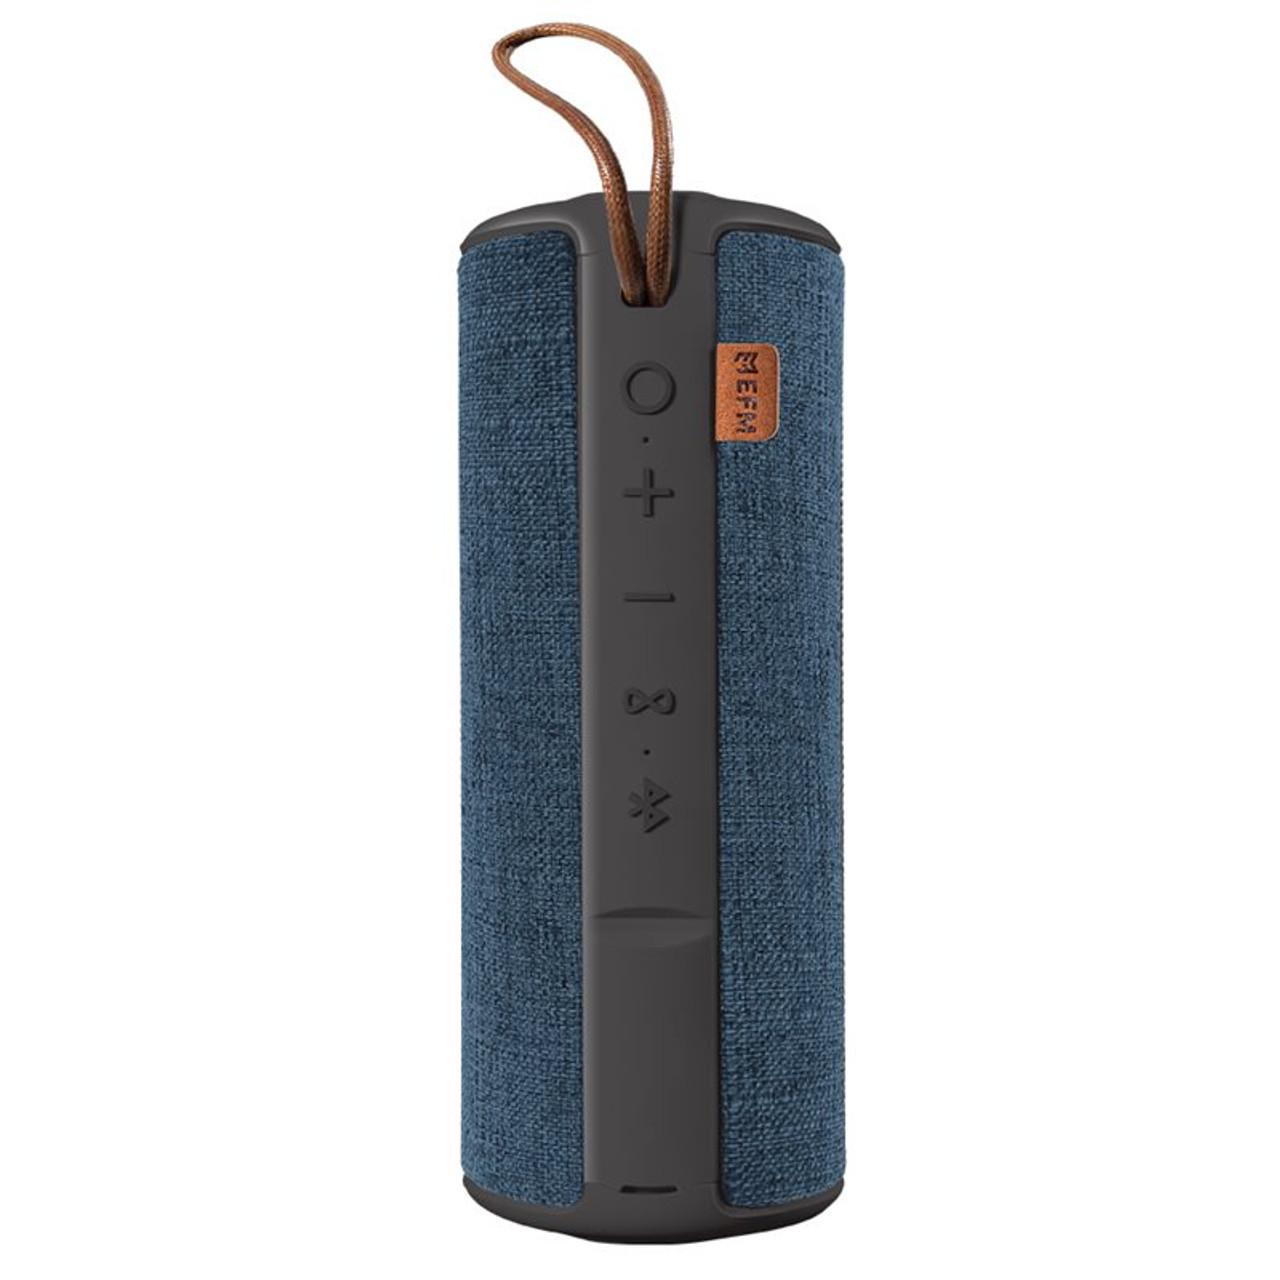 BFM EFBSTUL909SBL Toledo Portable Wireless Bluetooth Speaker - Steel Blue